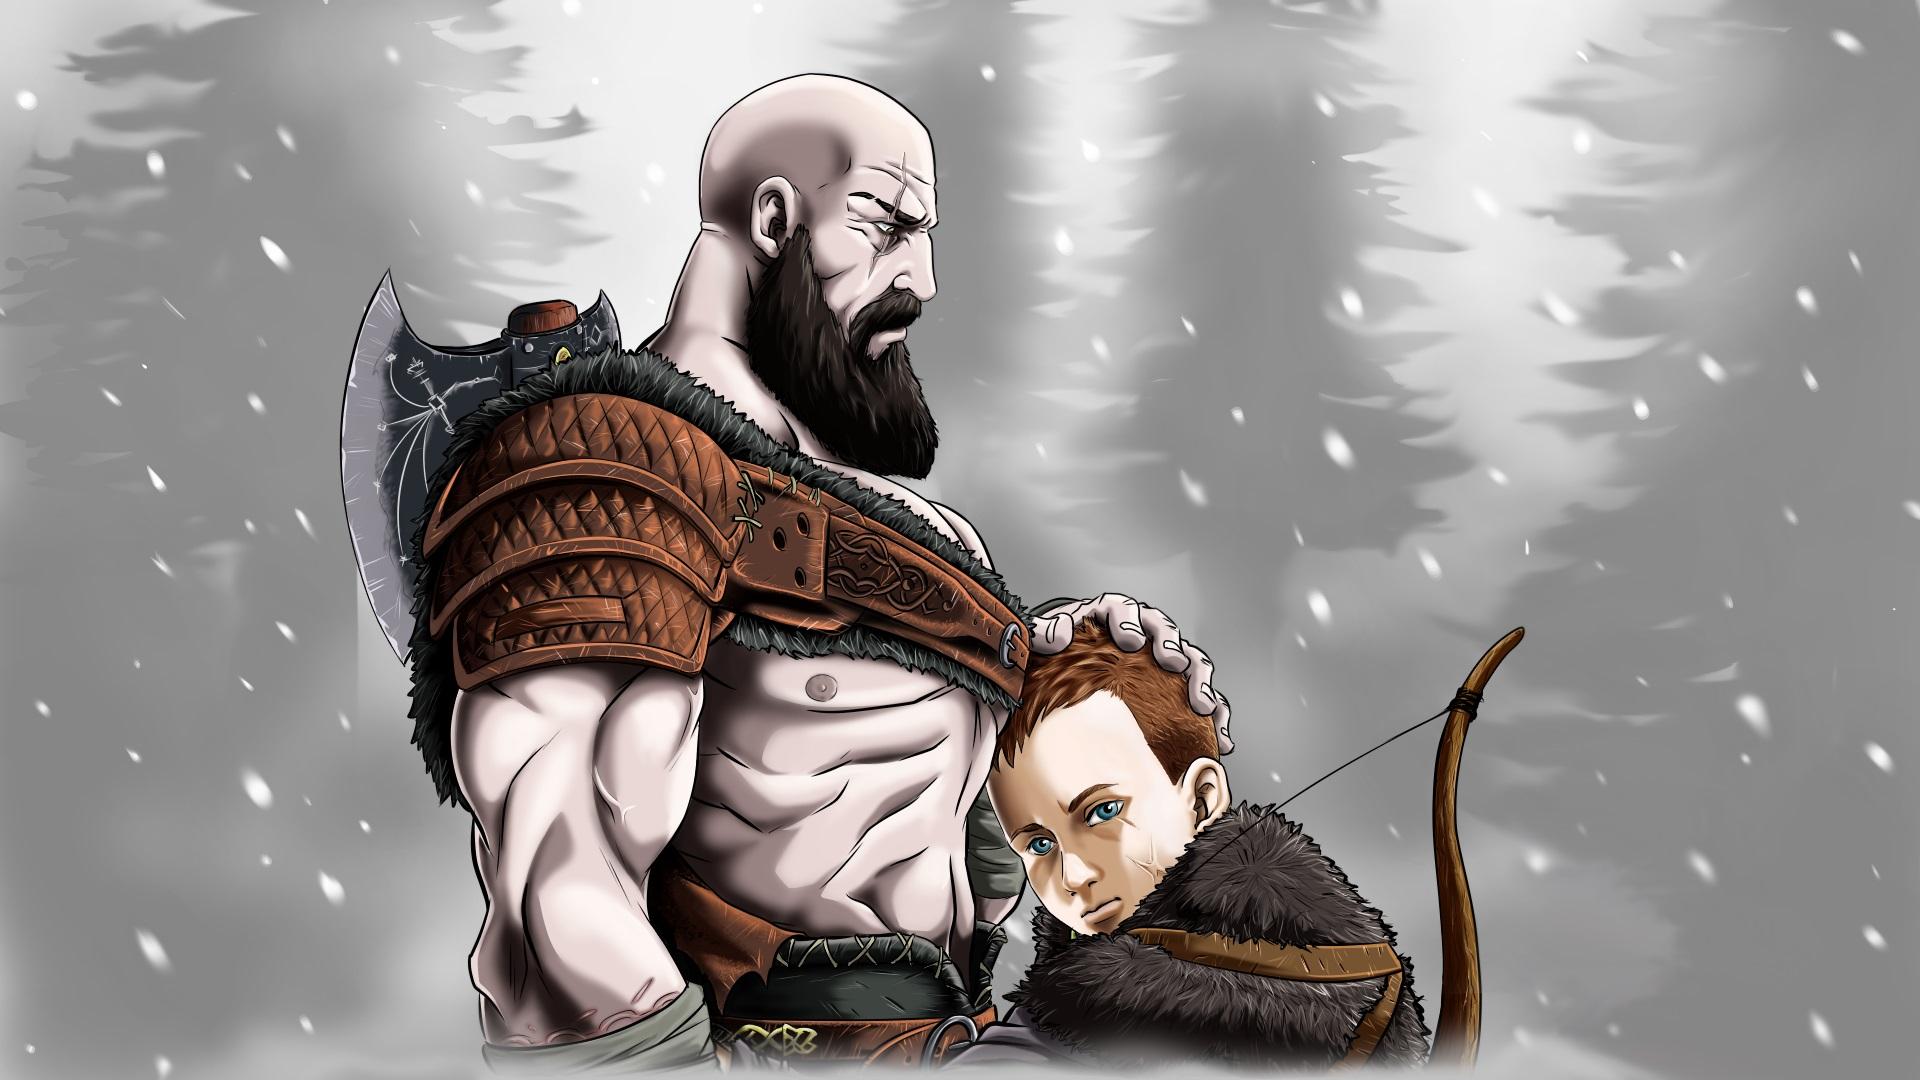 Wallpaper Kratos God Of War God Of War 4 Father